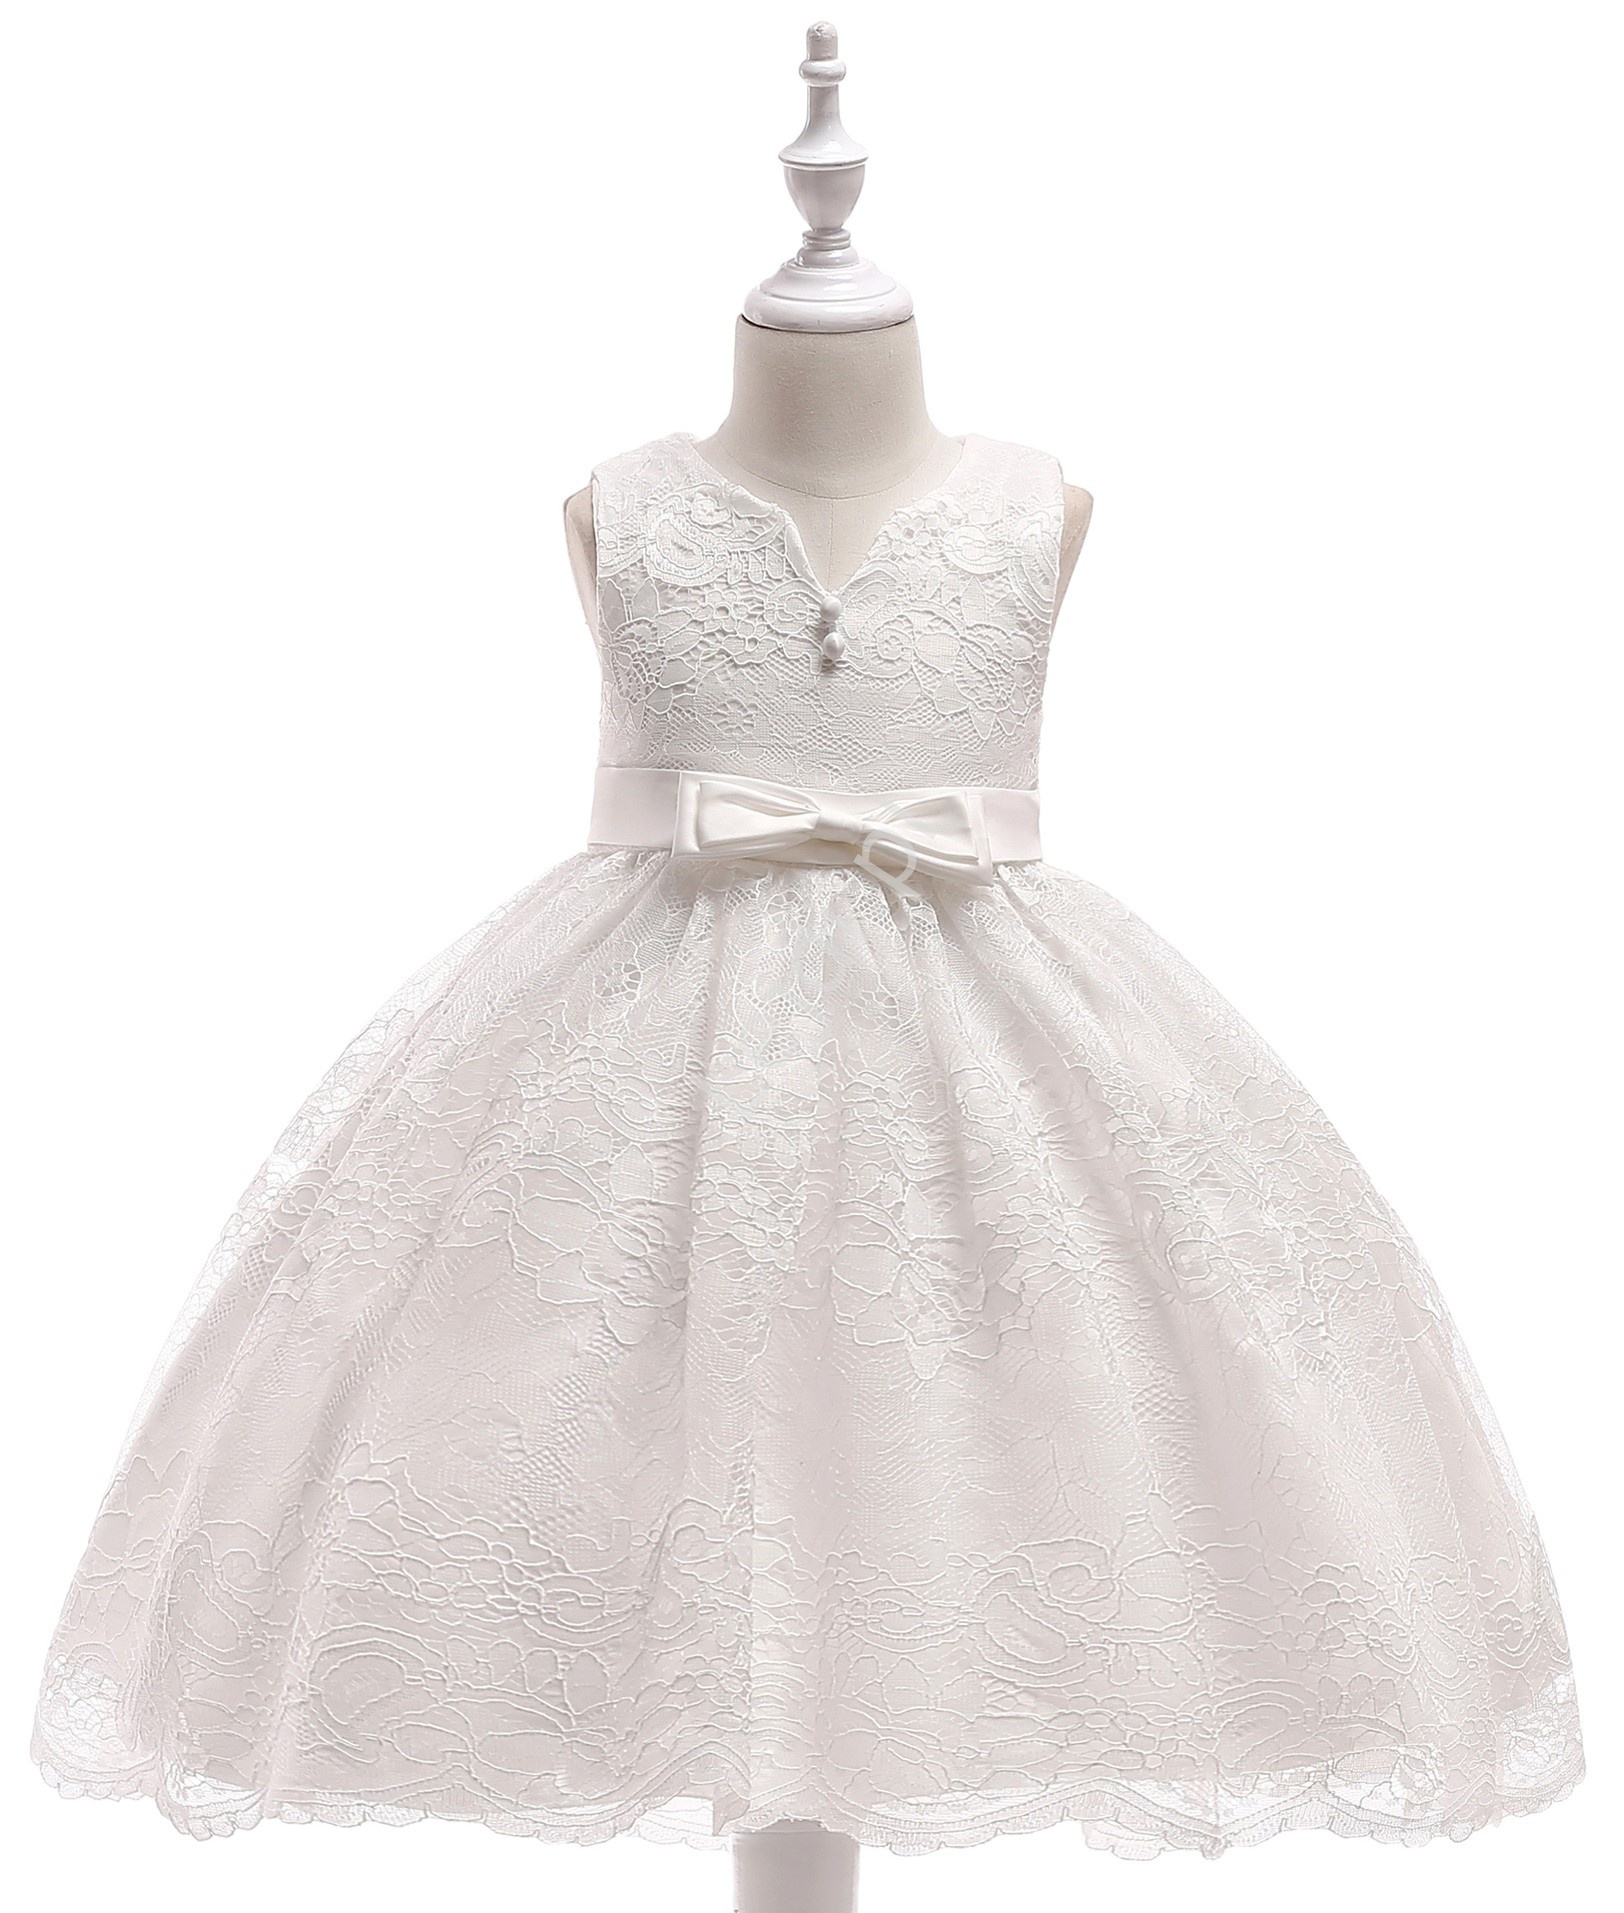 15818f30df Biała koronkowa sukienka dla dziewczynki z kokardami na chrzciny